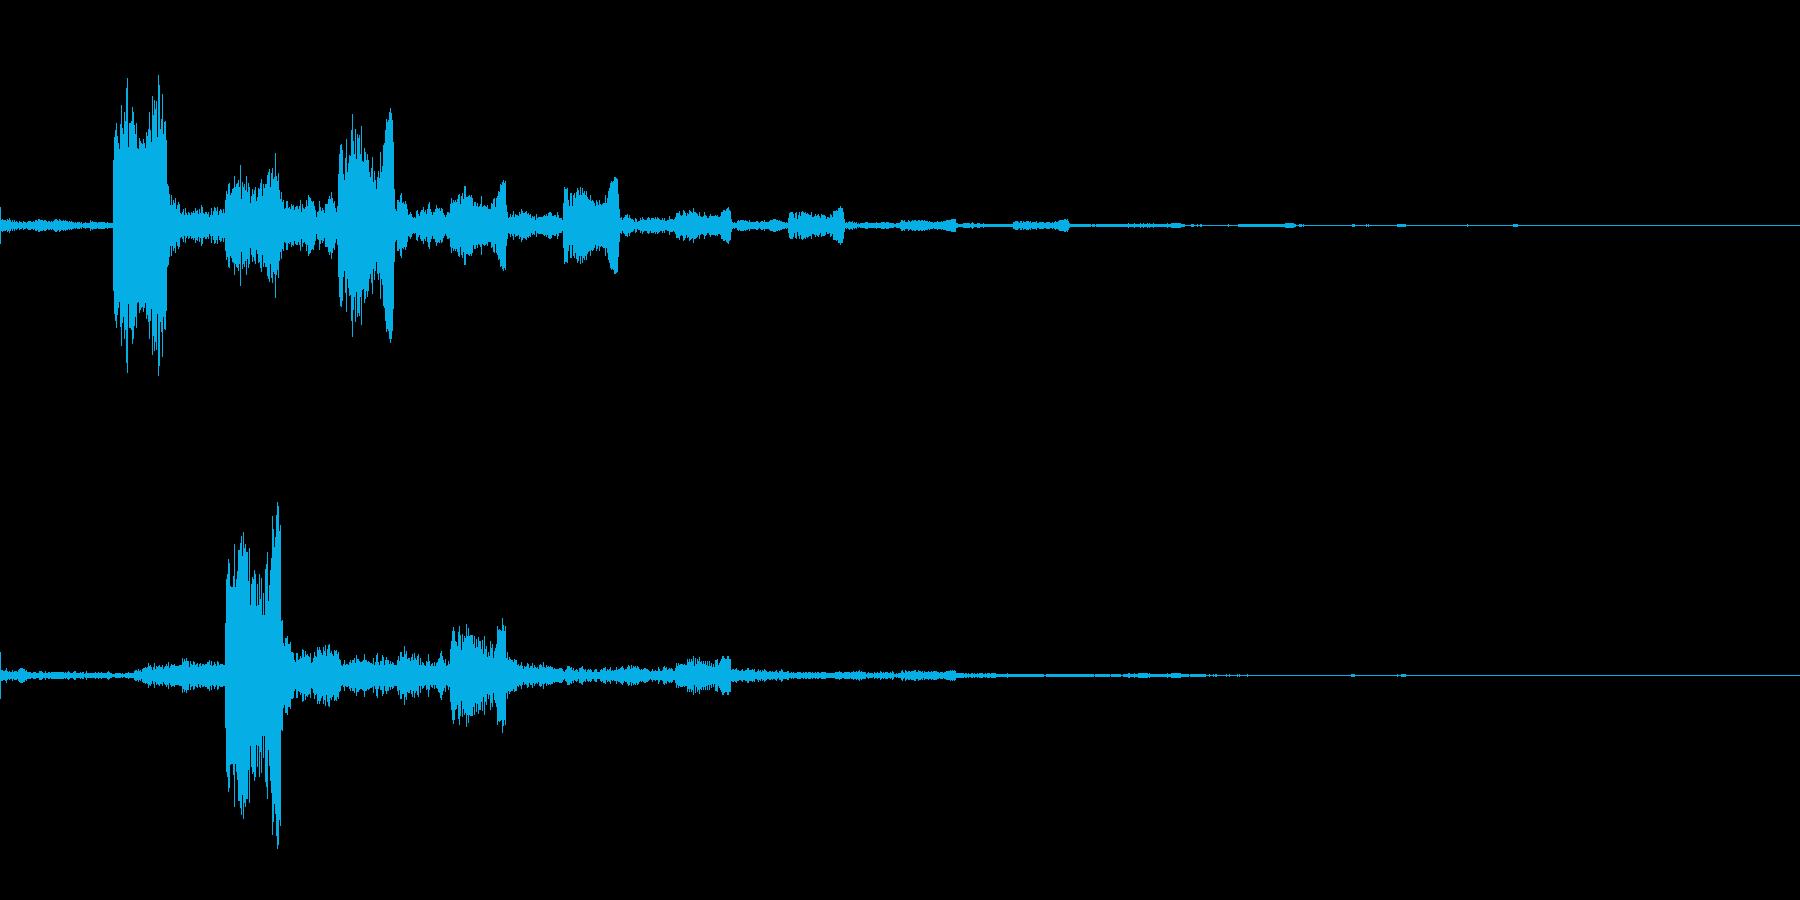 フワ フワッ インパクト音 ロゴの再生済みの波形